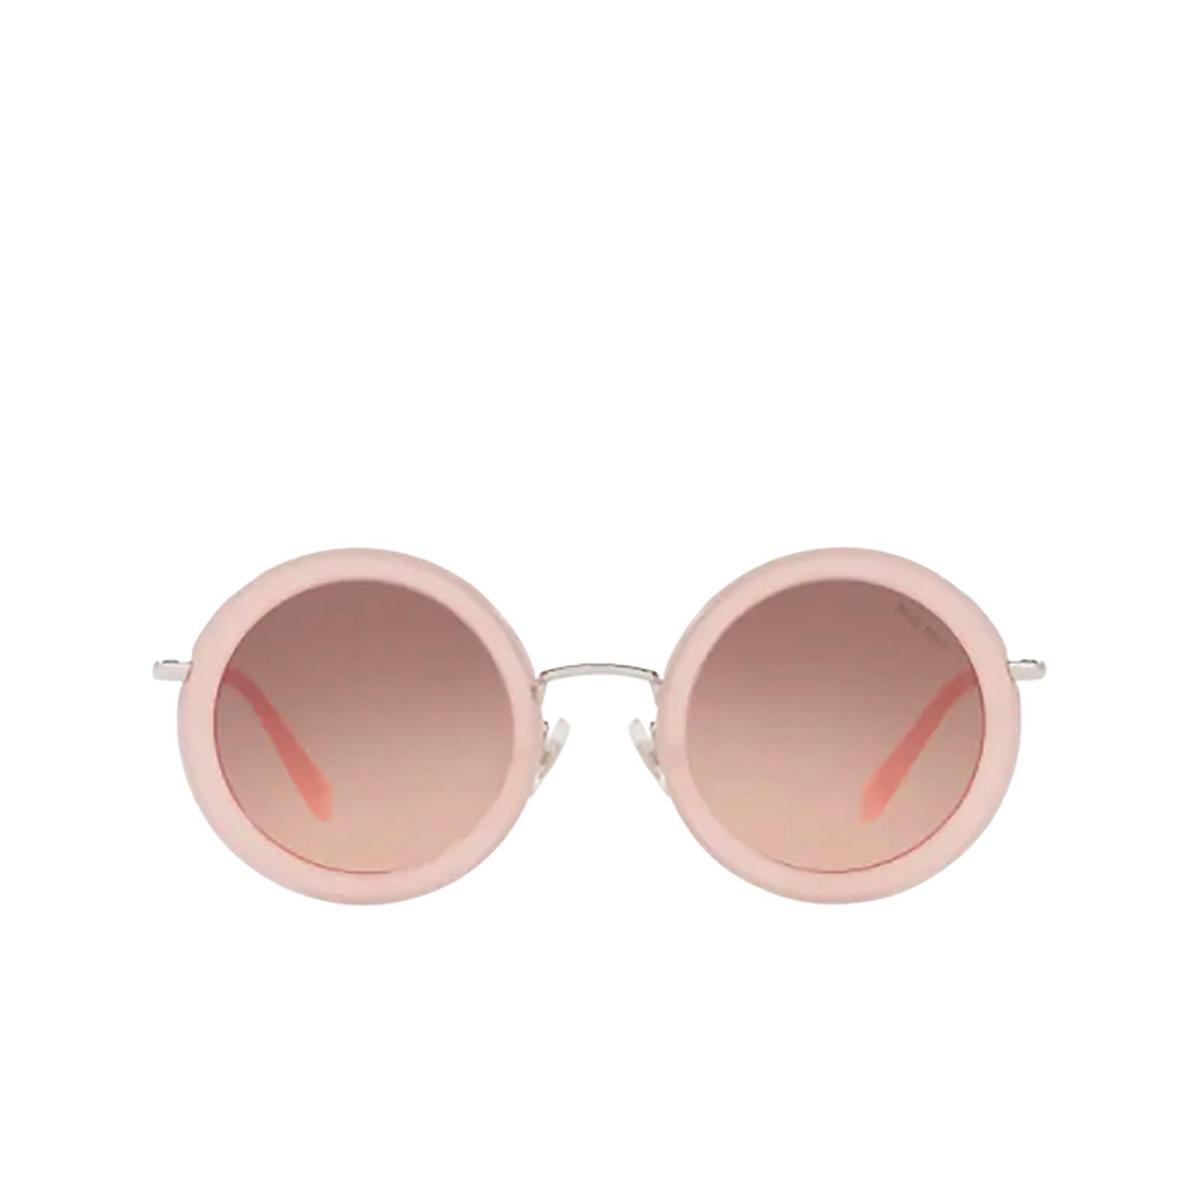 Miu Miu® Round Sunglasses: MU 59US color Opal Pink 1350A5.